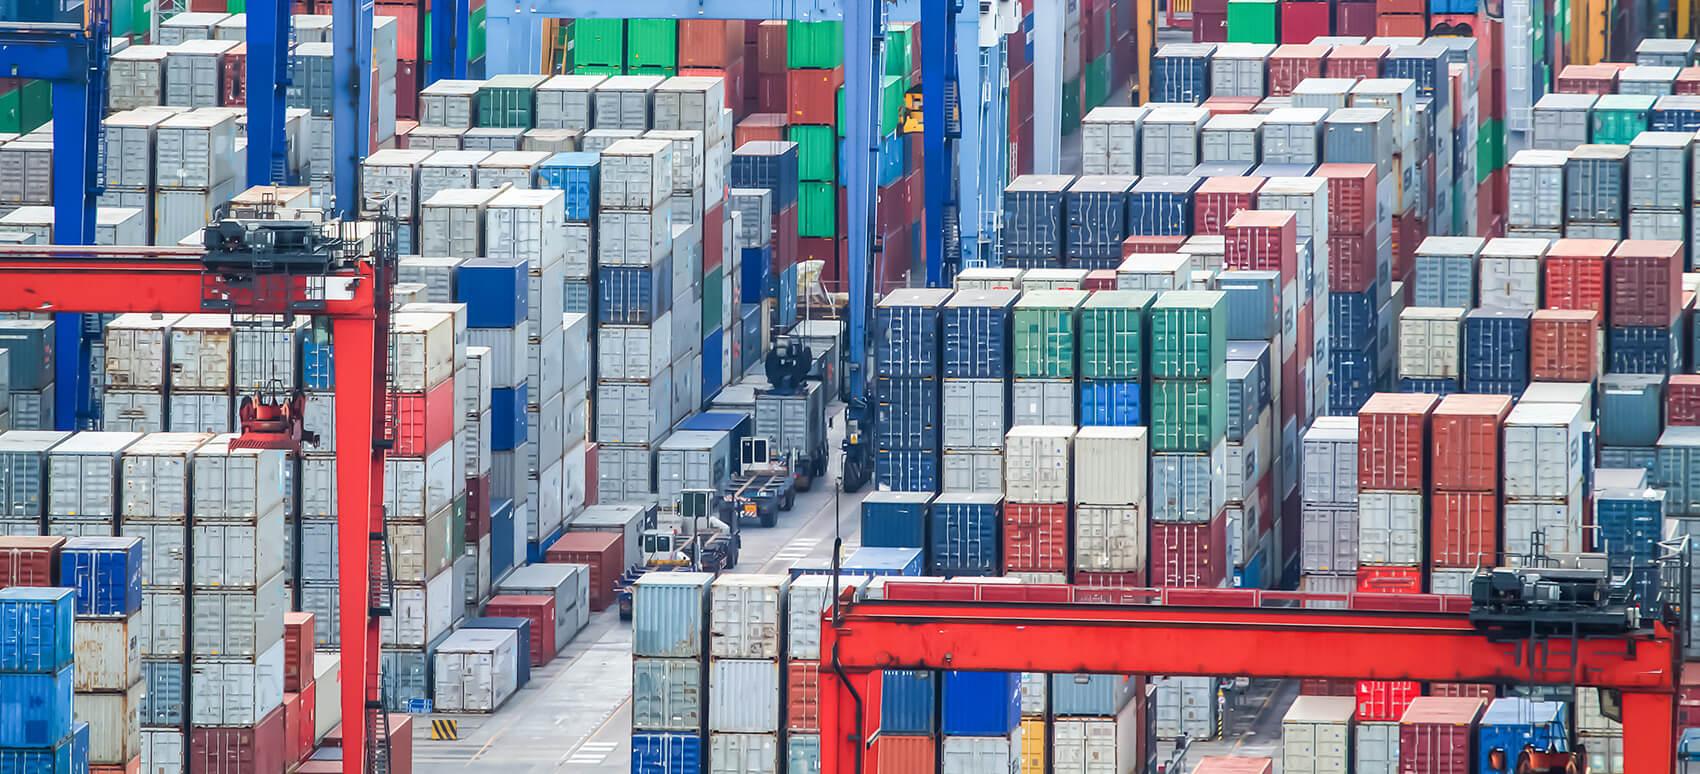 Strejke i Australien har skabt større flaskehalse på havneterminaler